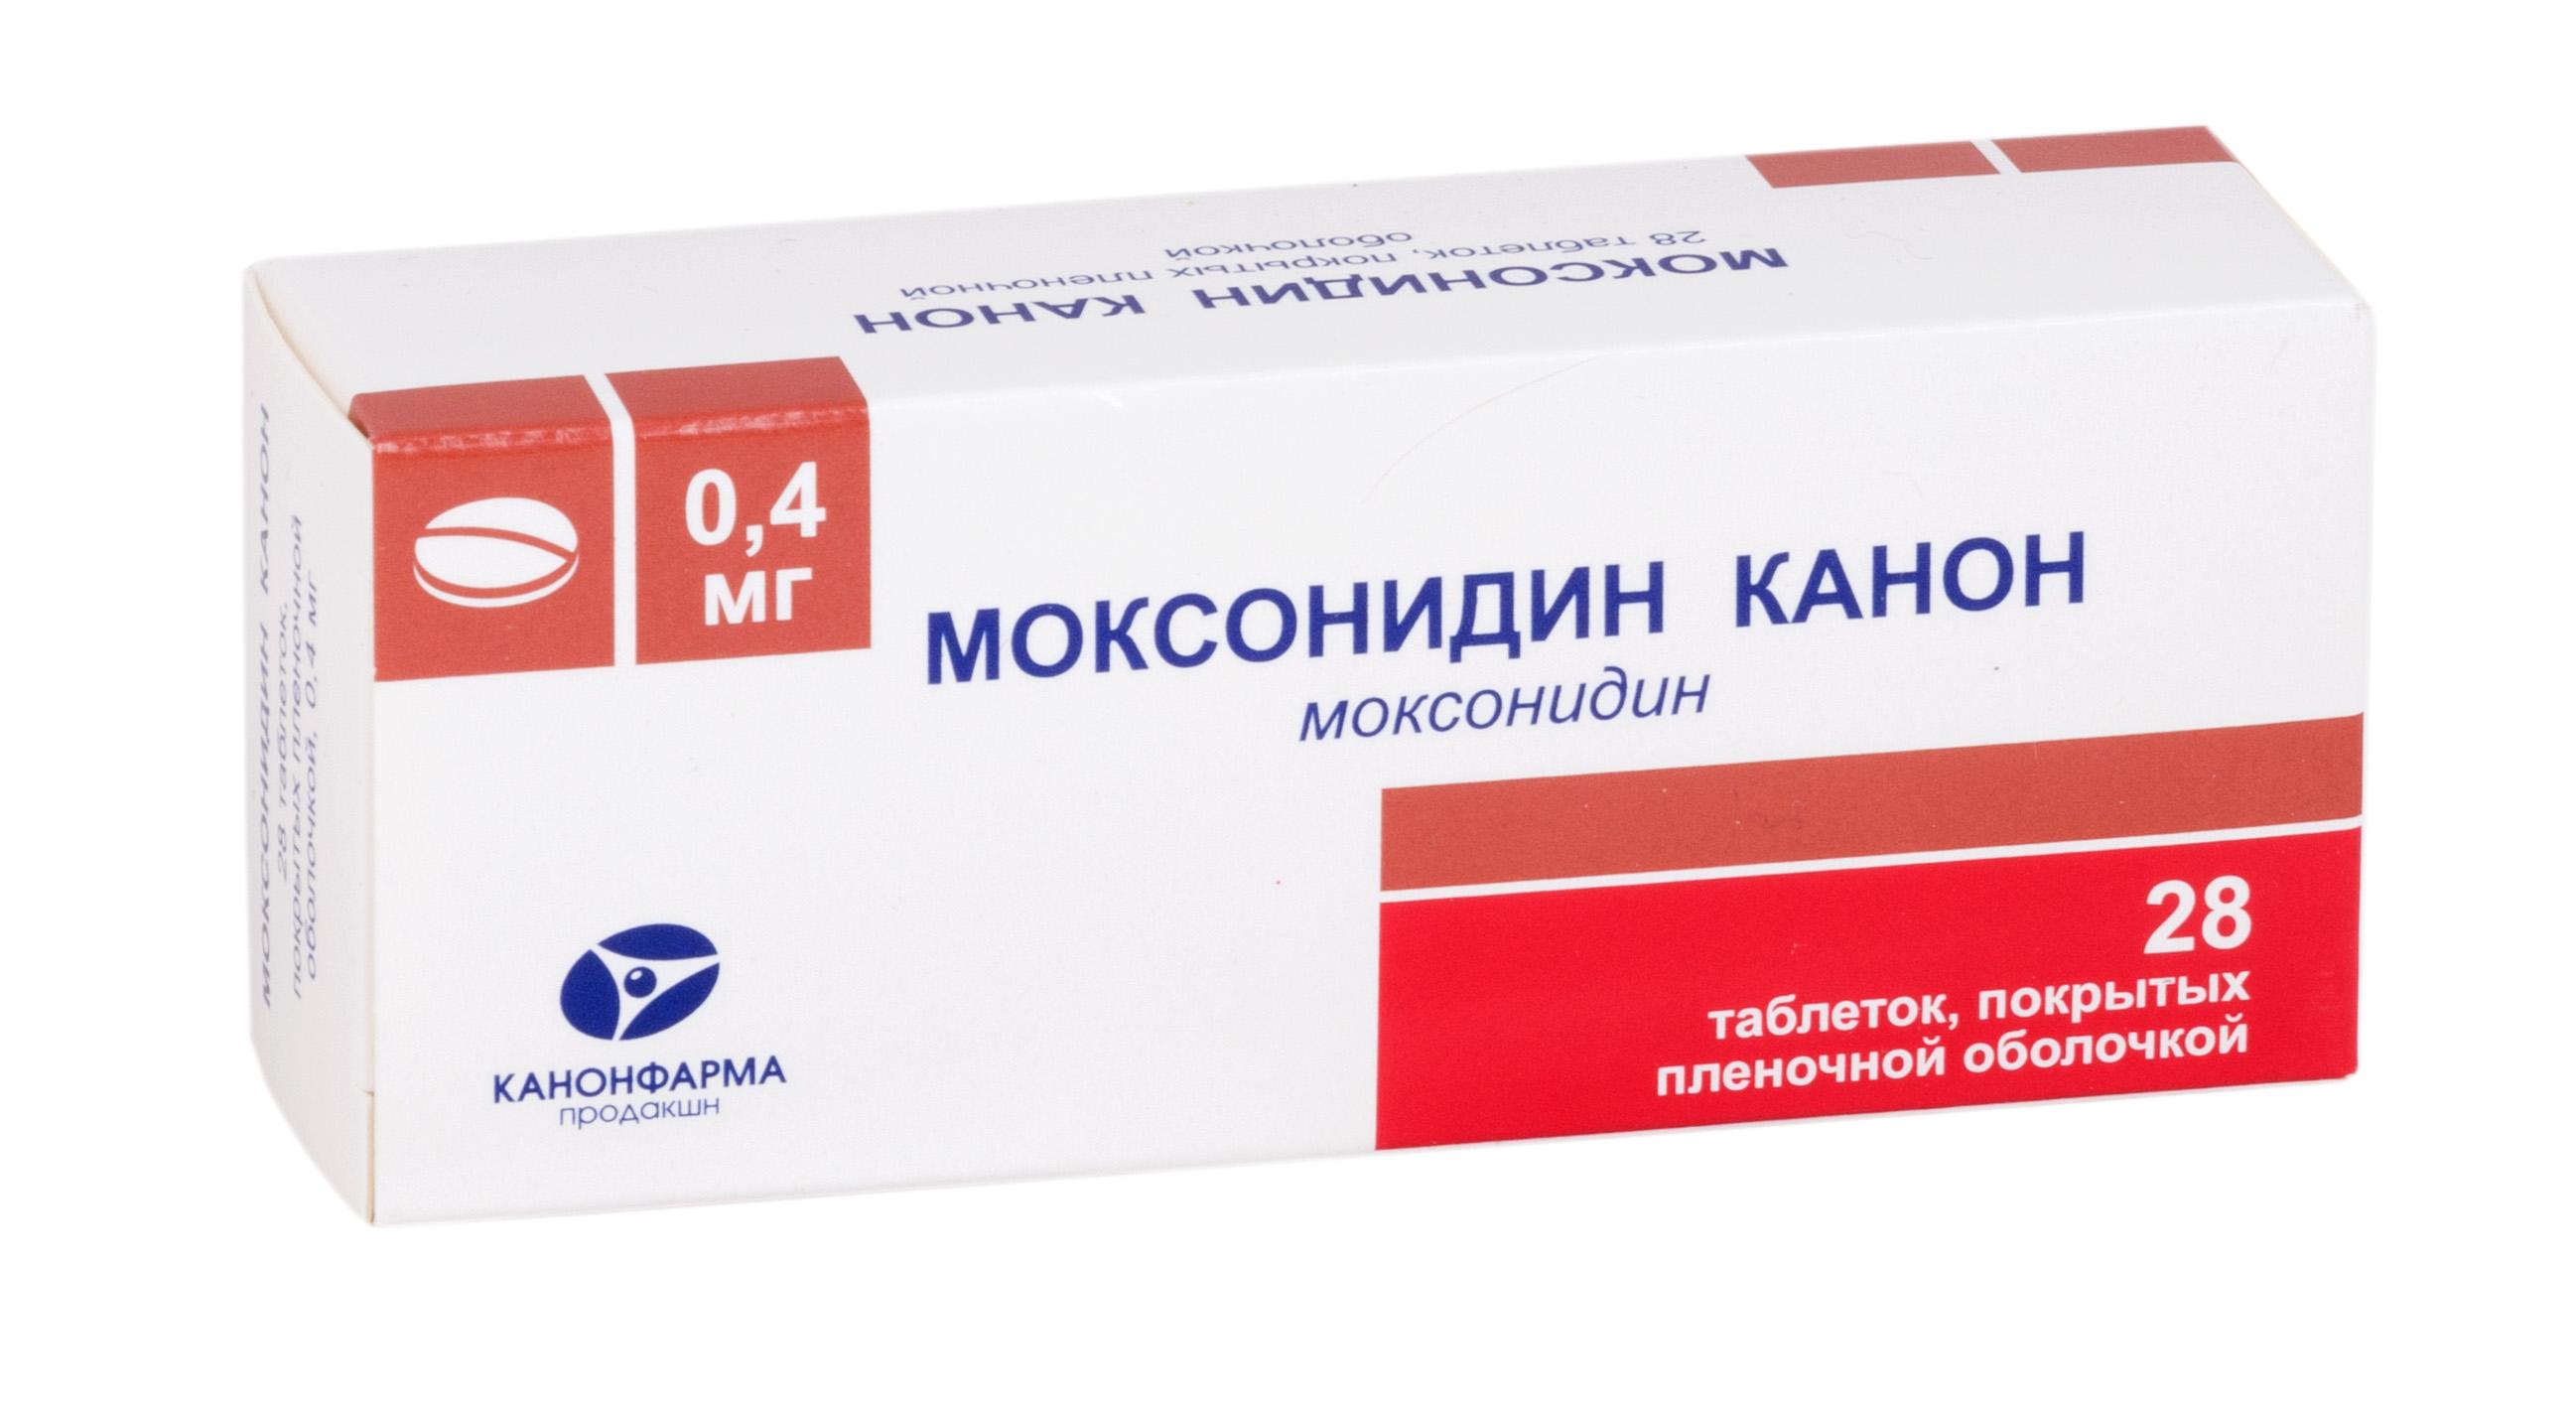 Моксонидин Канон табл. п.п.о. 0,4 мг №28